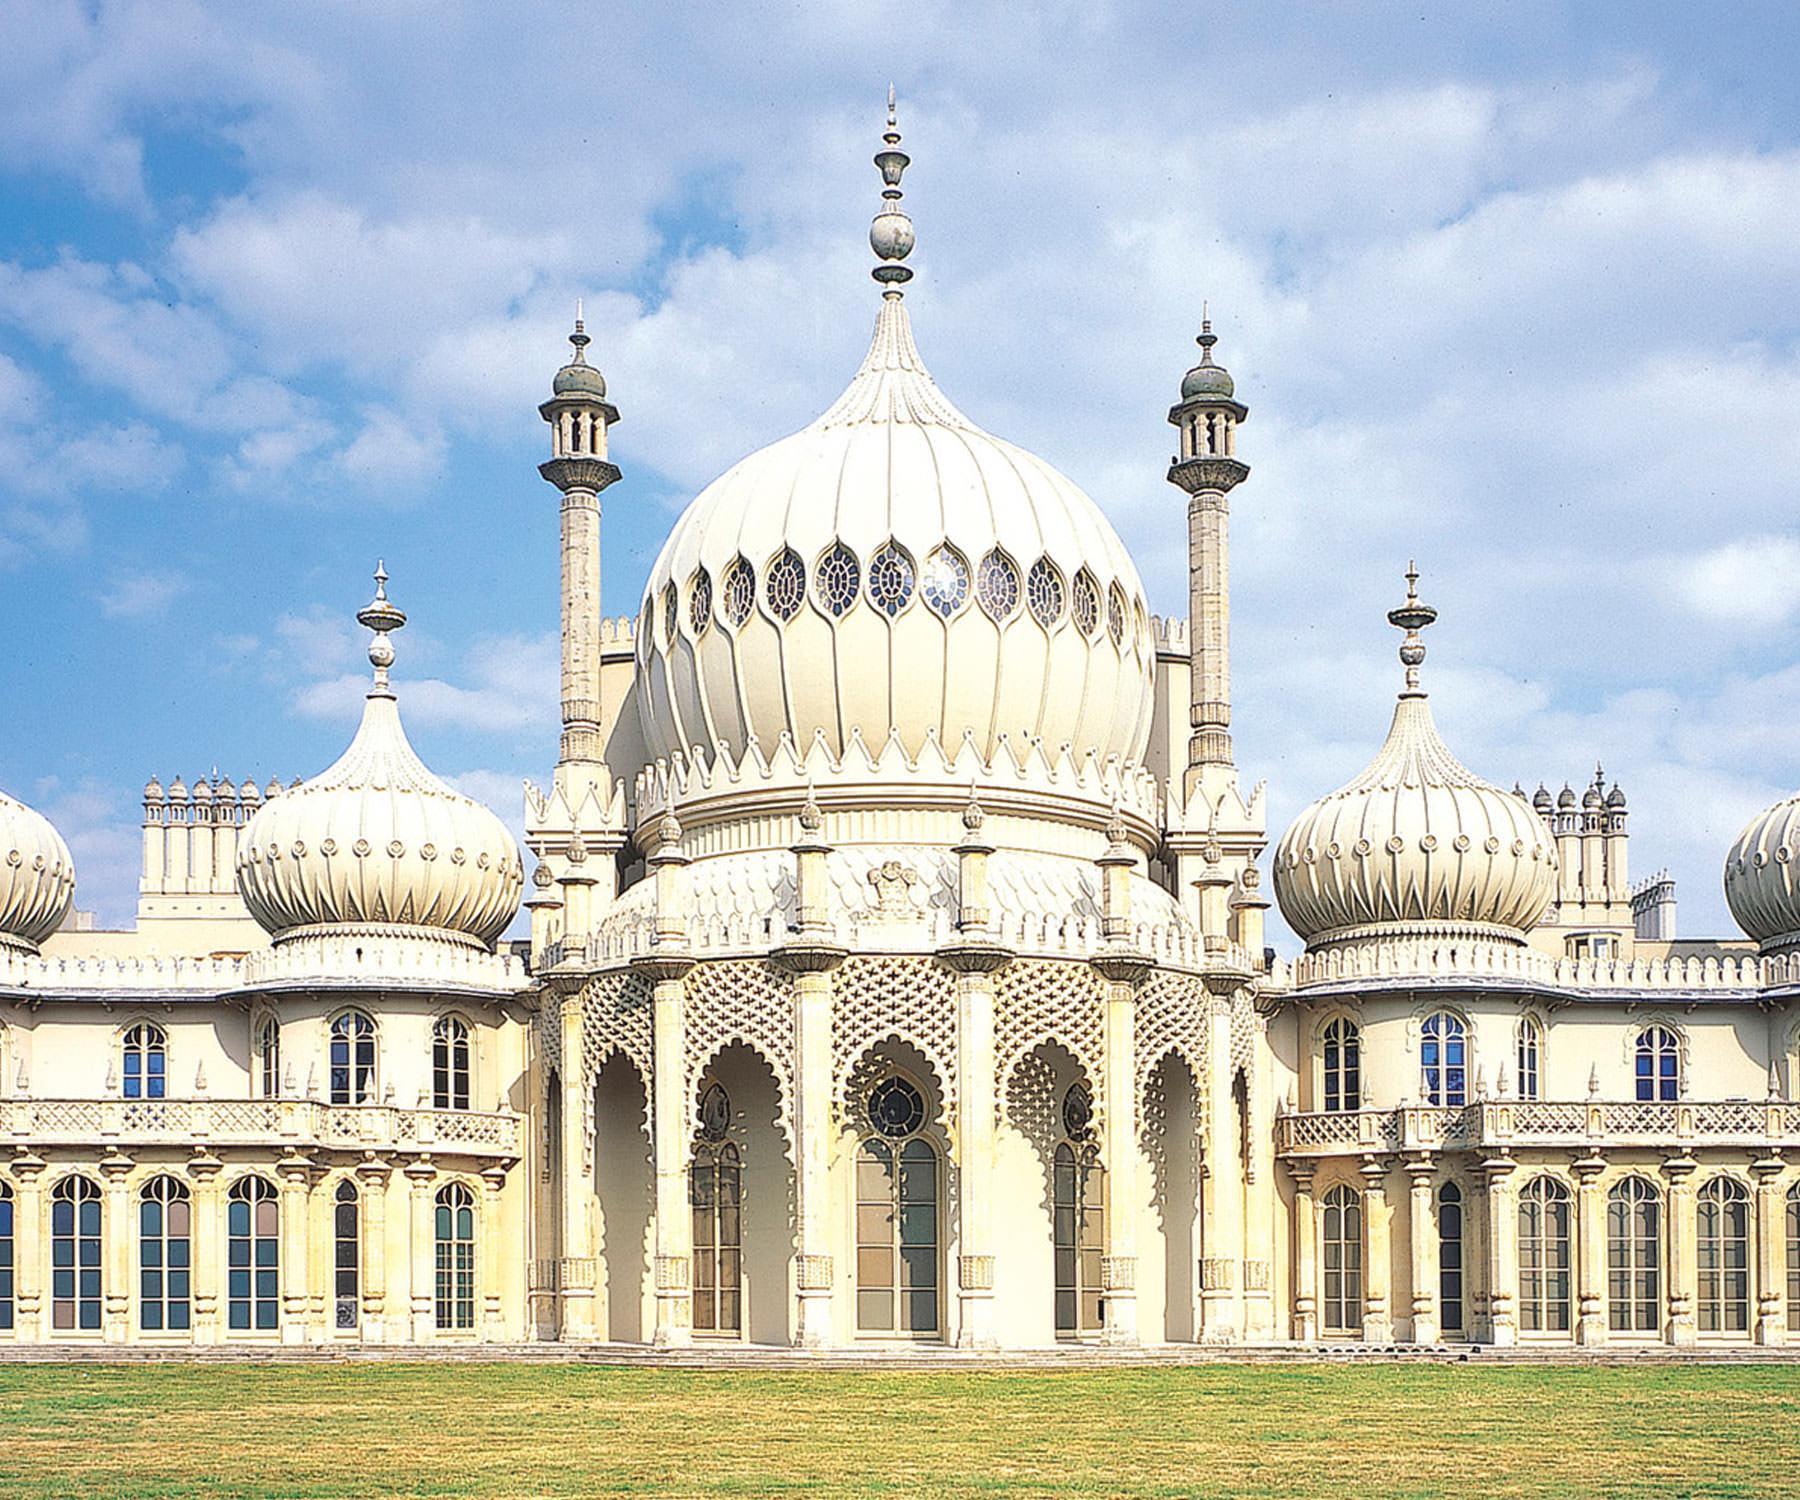 via Brightonmuseums.org.uk